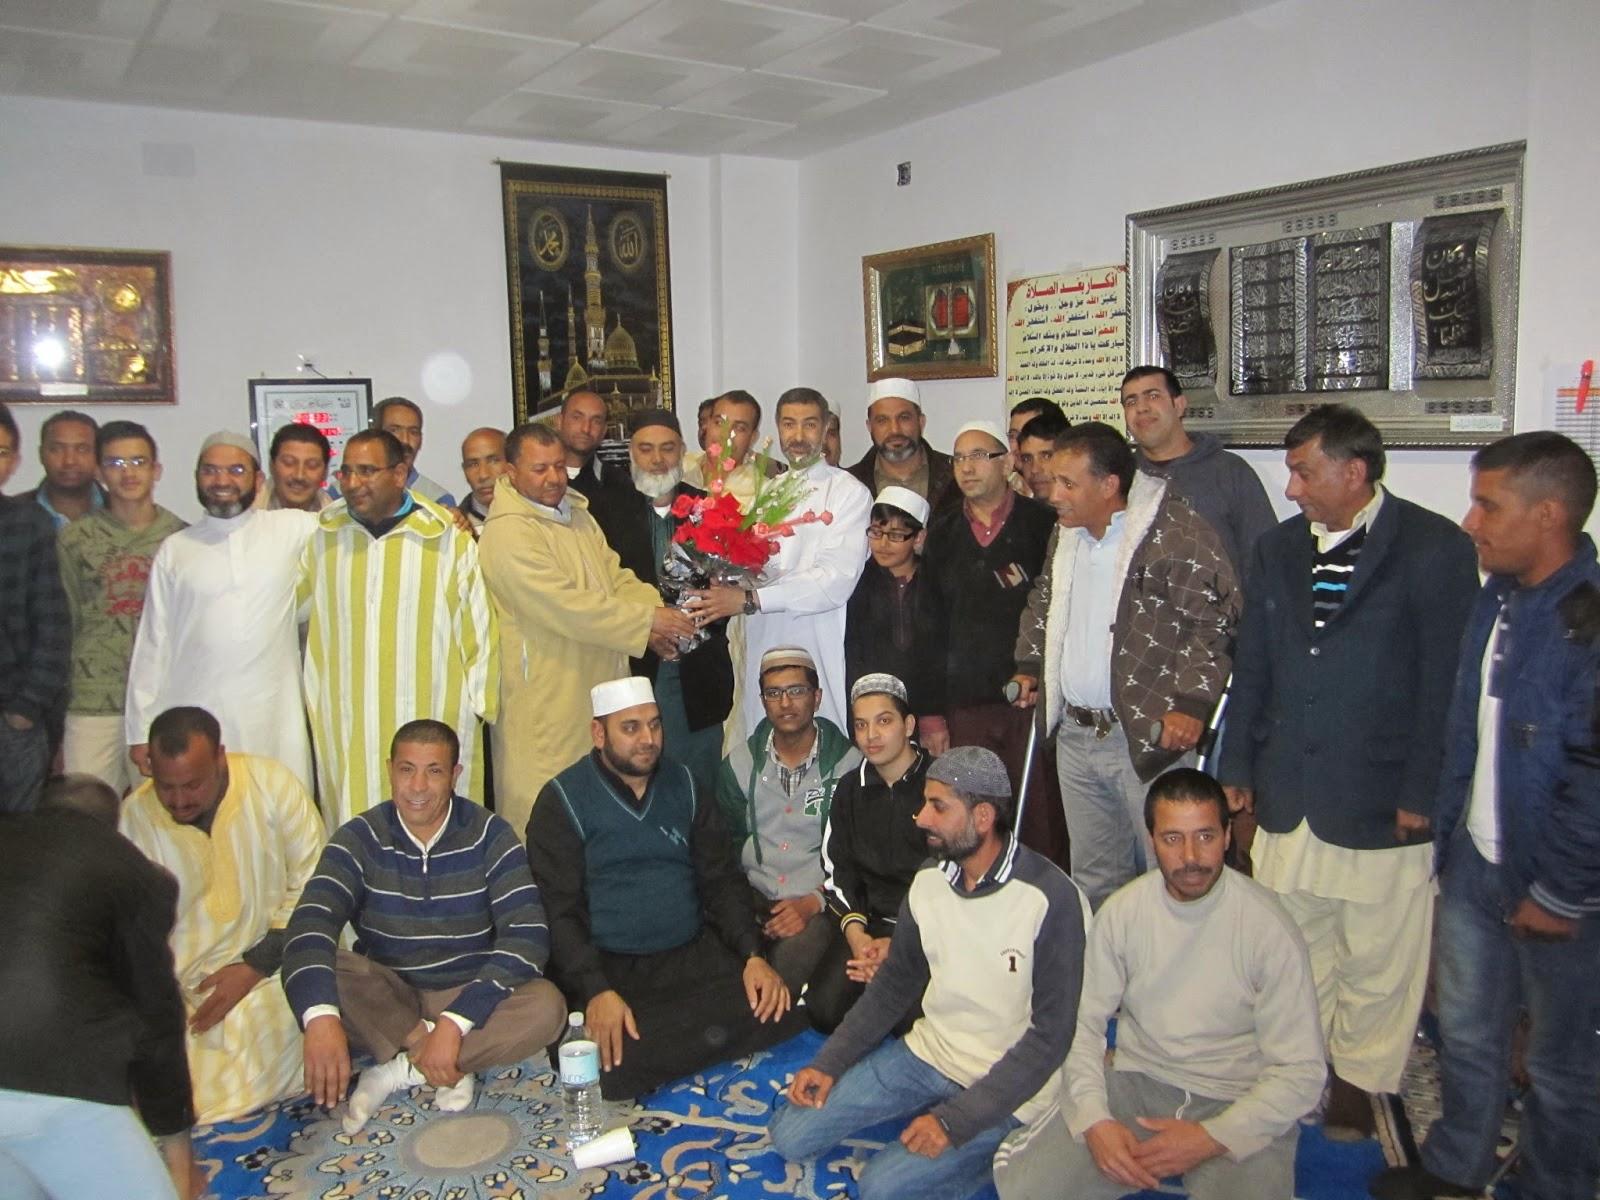 El presidete de UCIDAragón Visita la Mezquita de Utrillas